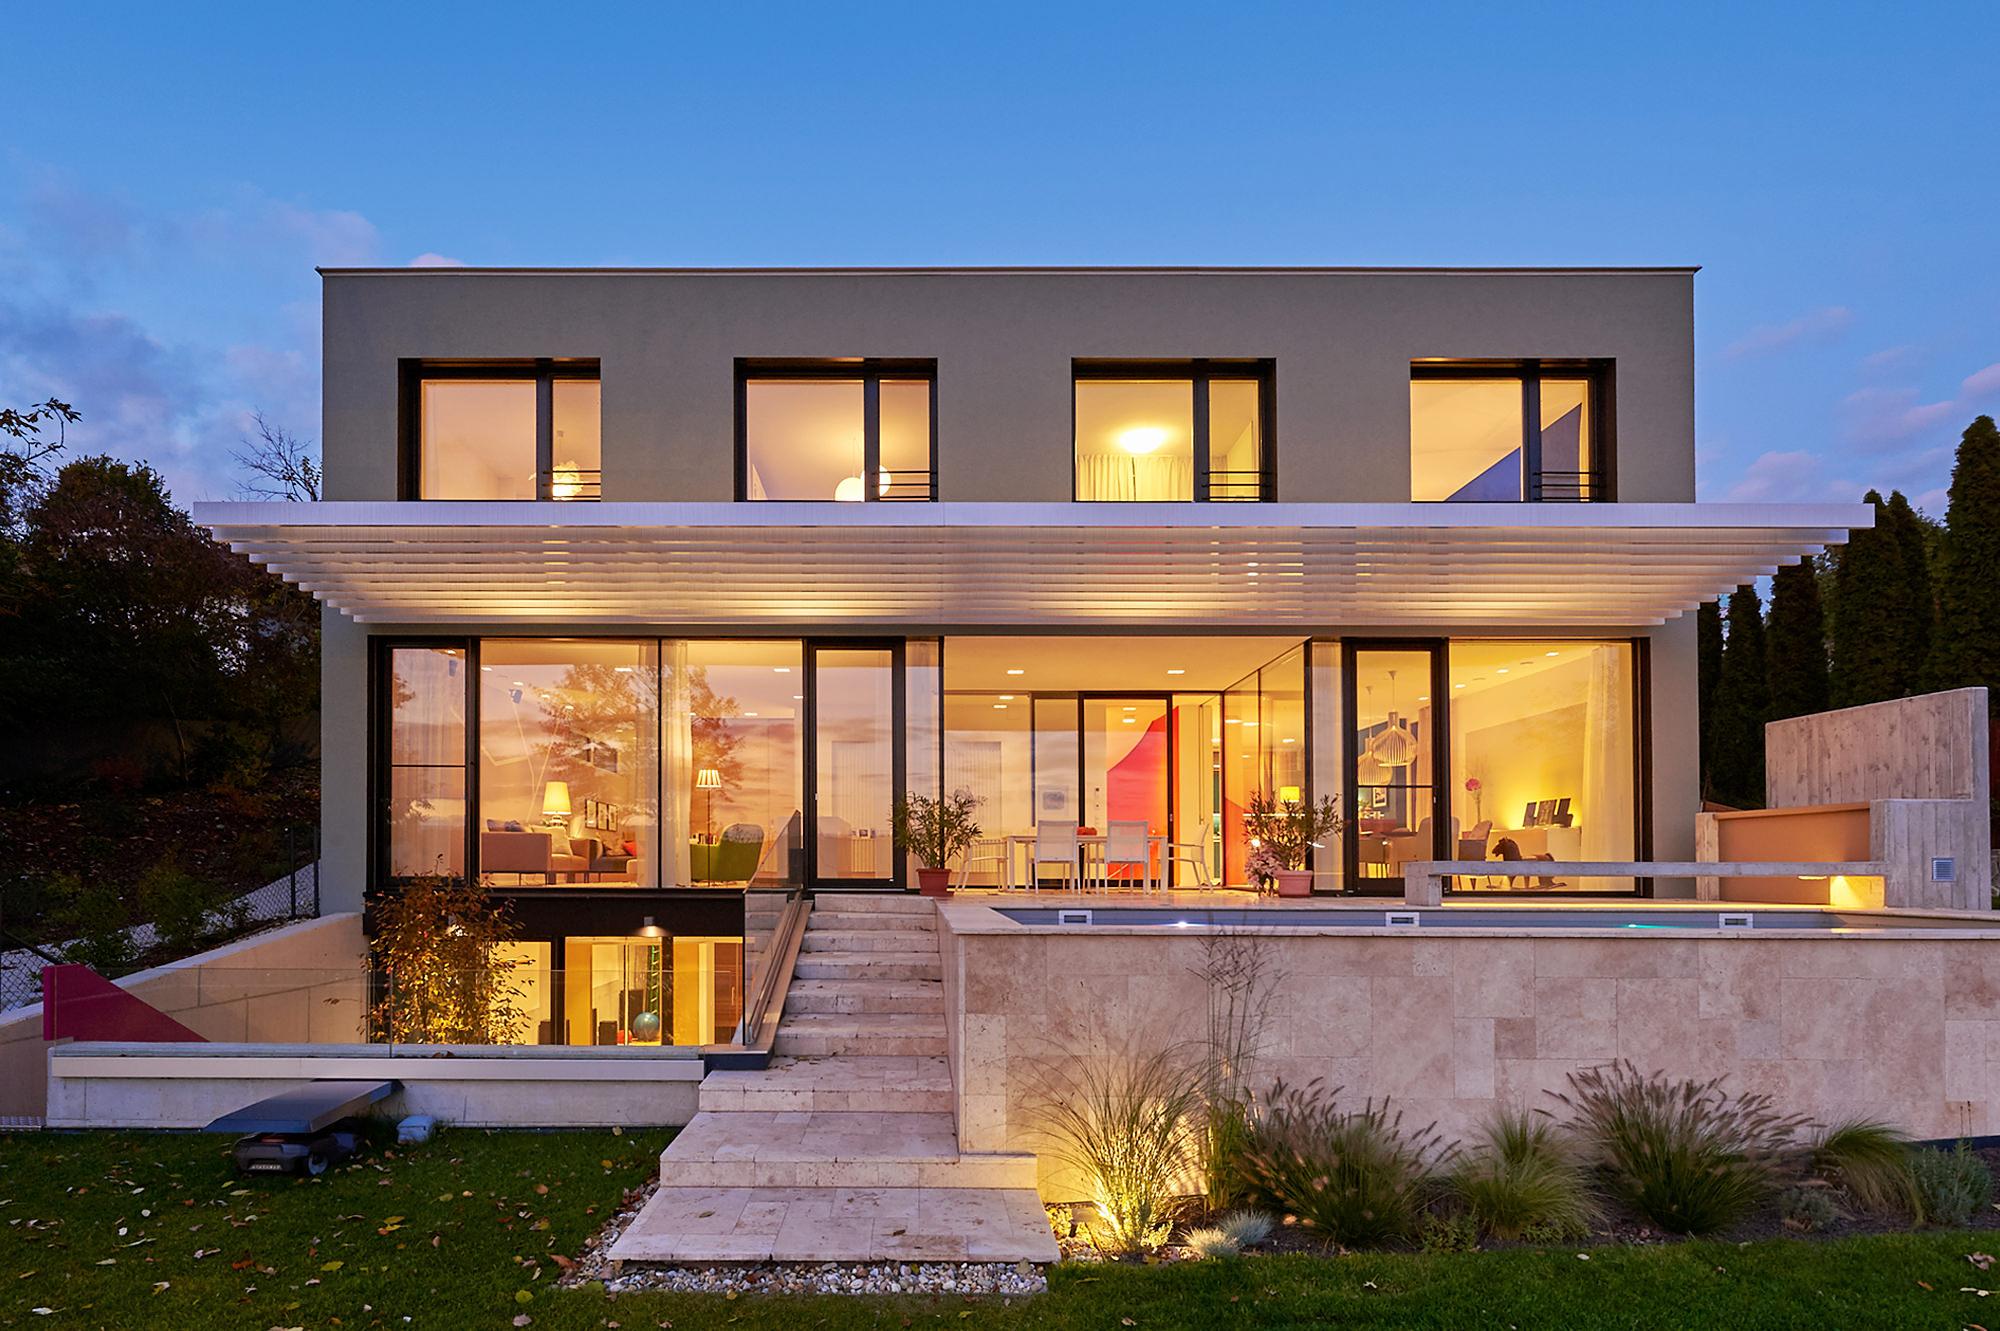 haus_br_16_villa_mit_pool_am_oelberg_klosterneuburg_niederoesterreich_junger_beer_architektur